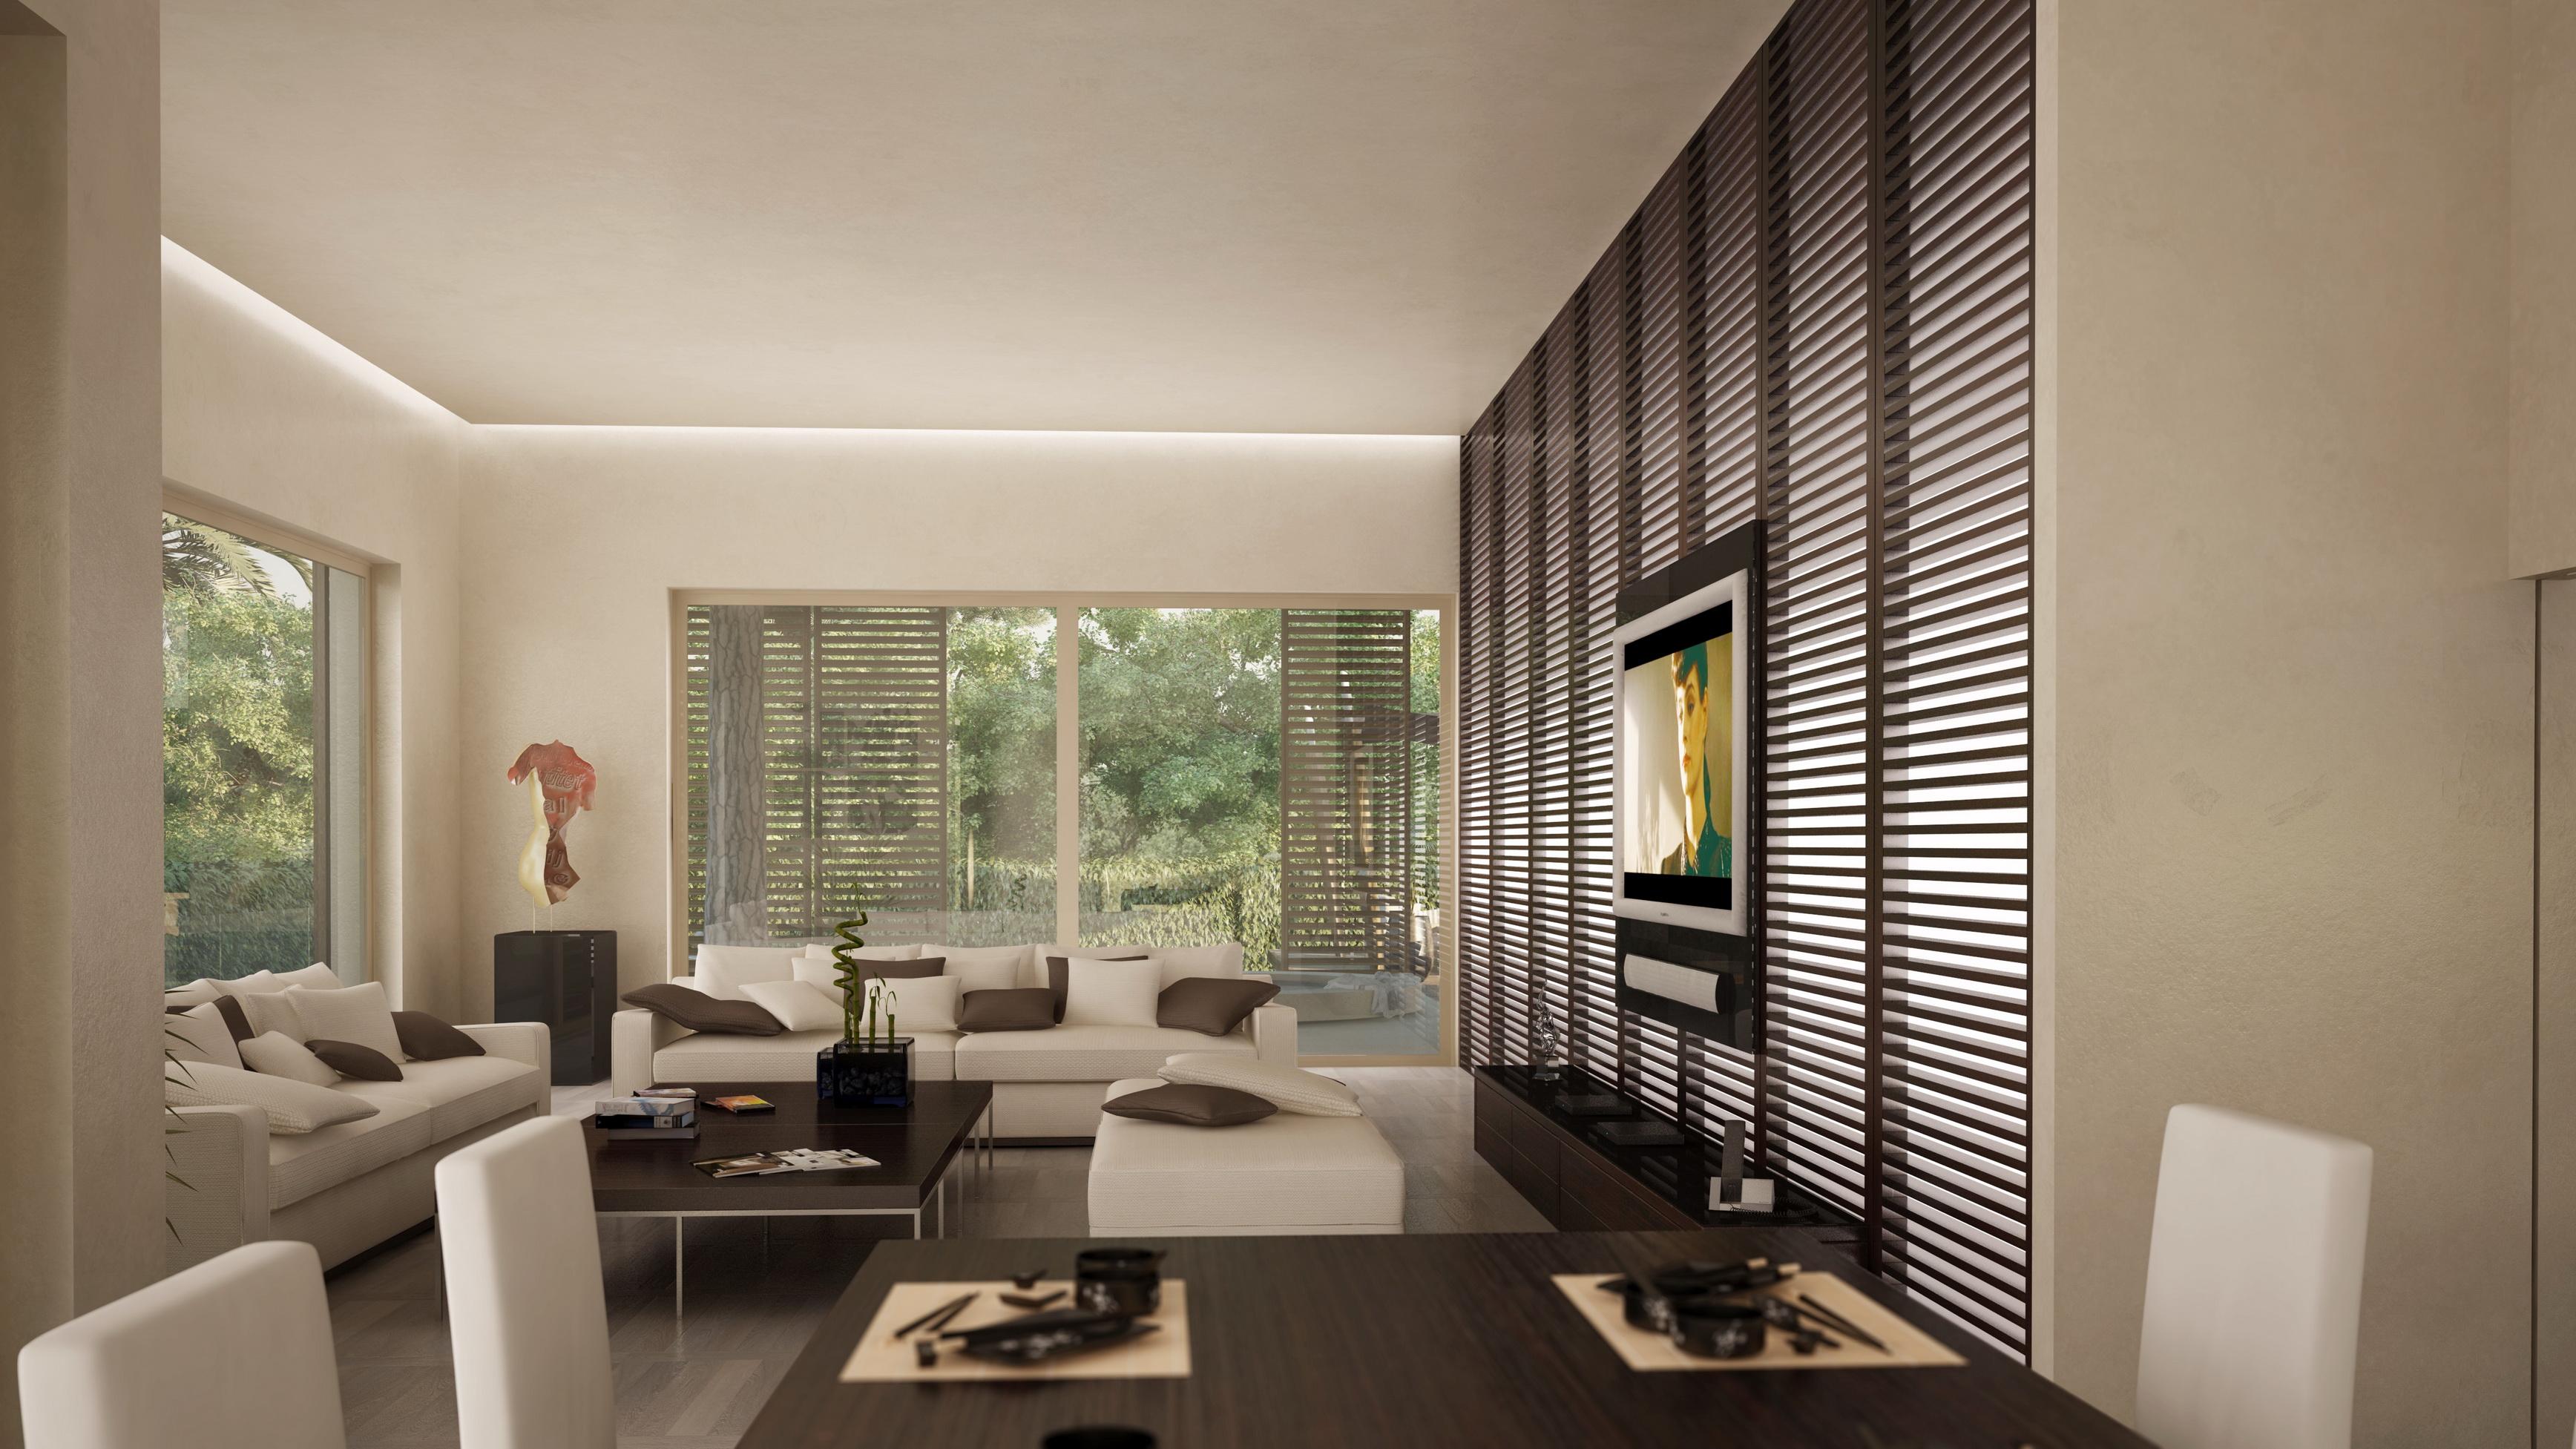 Progettazione di interni edilizia zibellini for Design interni